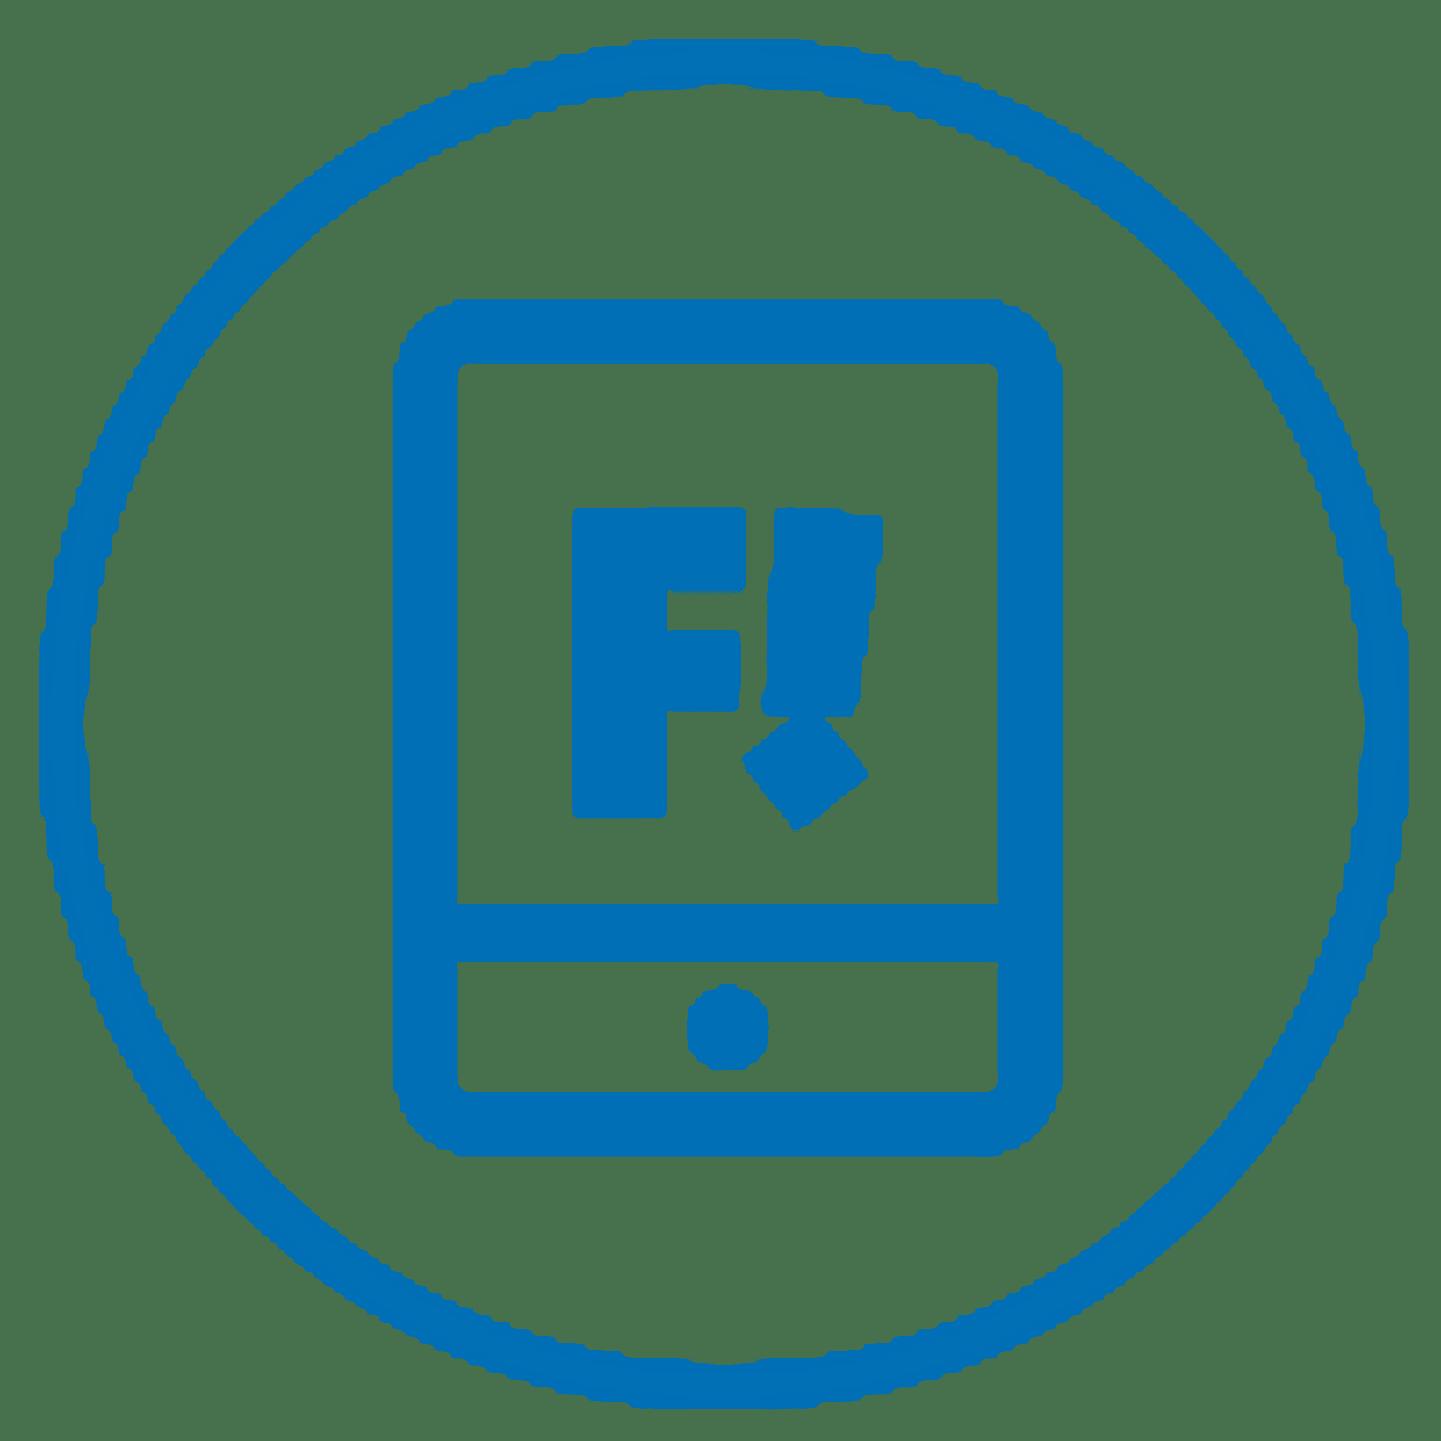 Komfortable Bedienung und smarte Apps